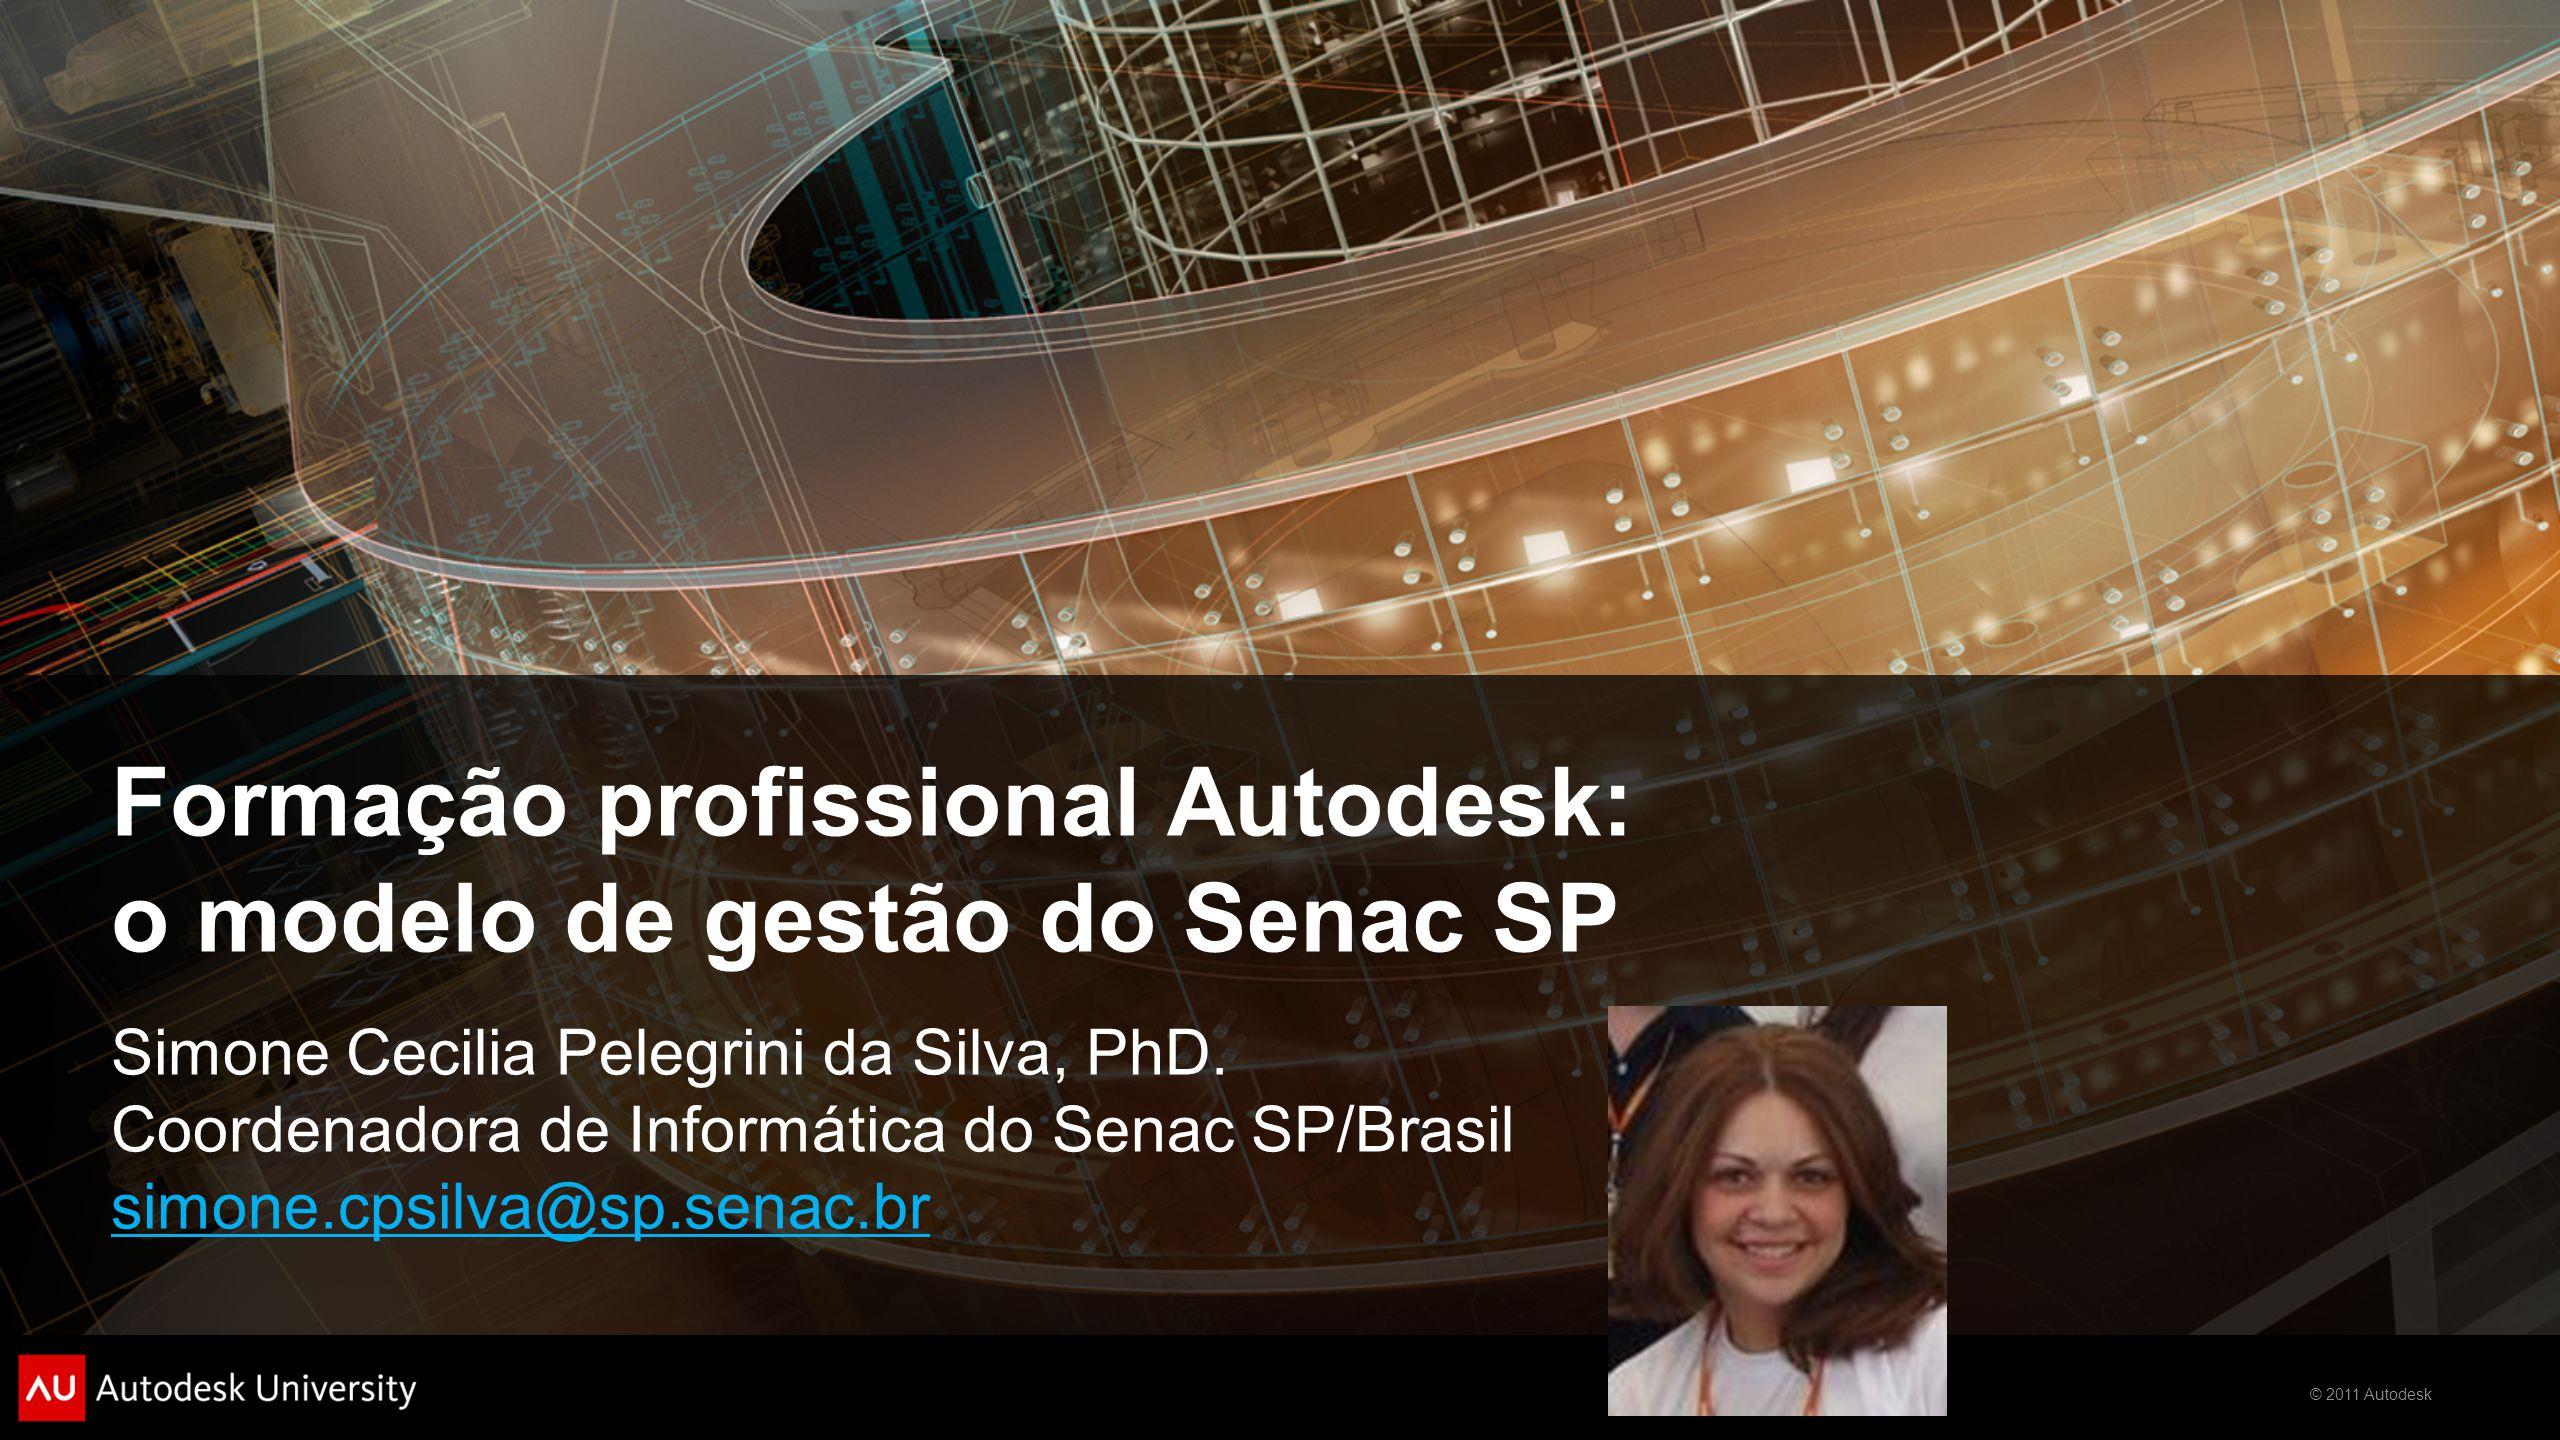 Formação profissional Autodesk: o modelo de gestão do Senac SP